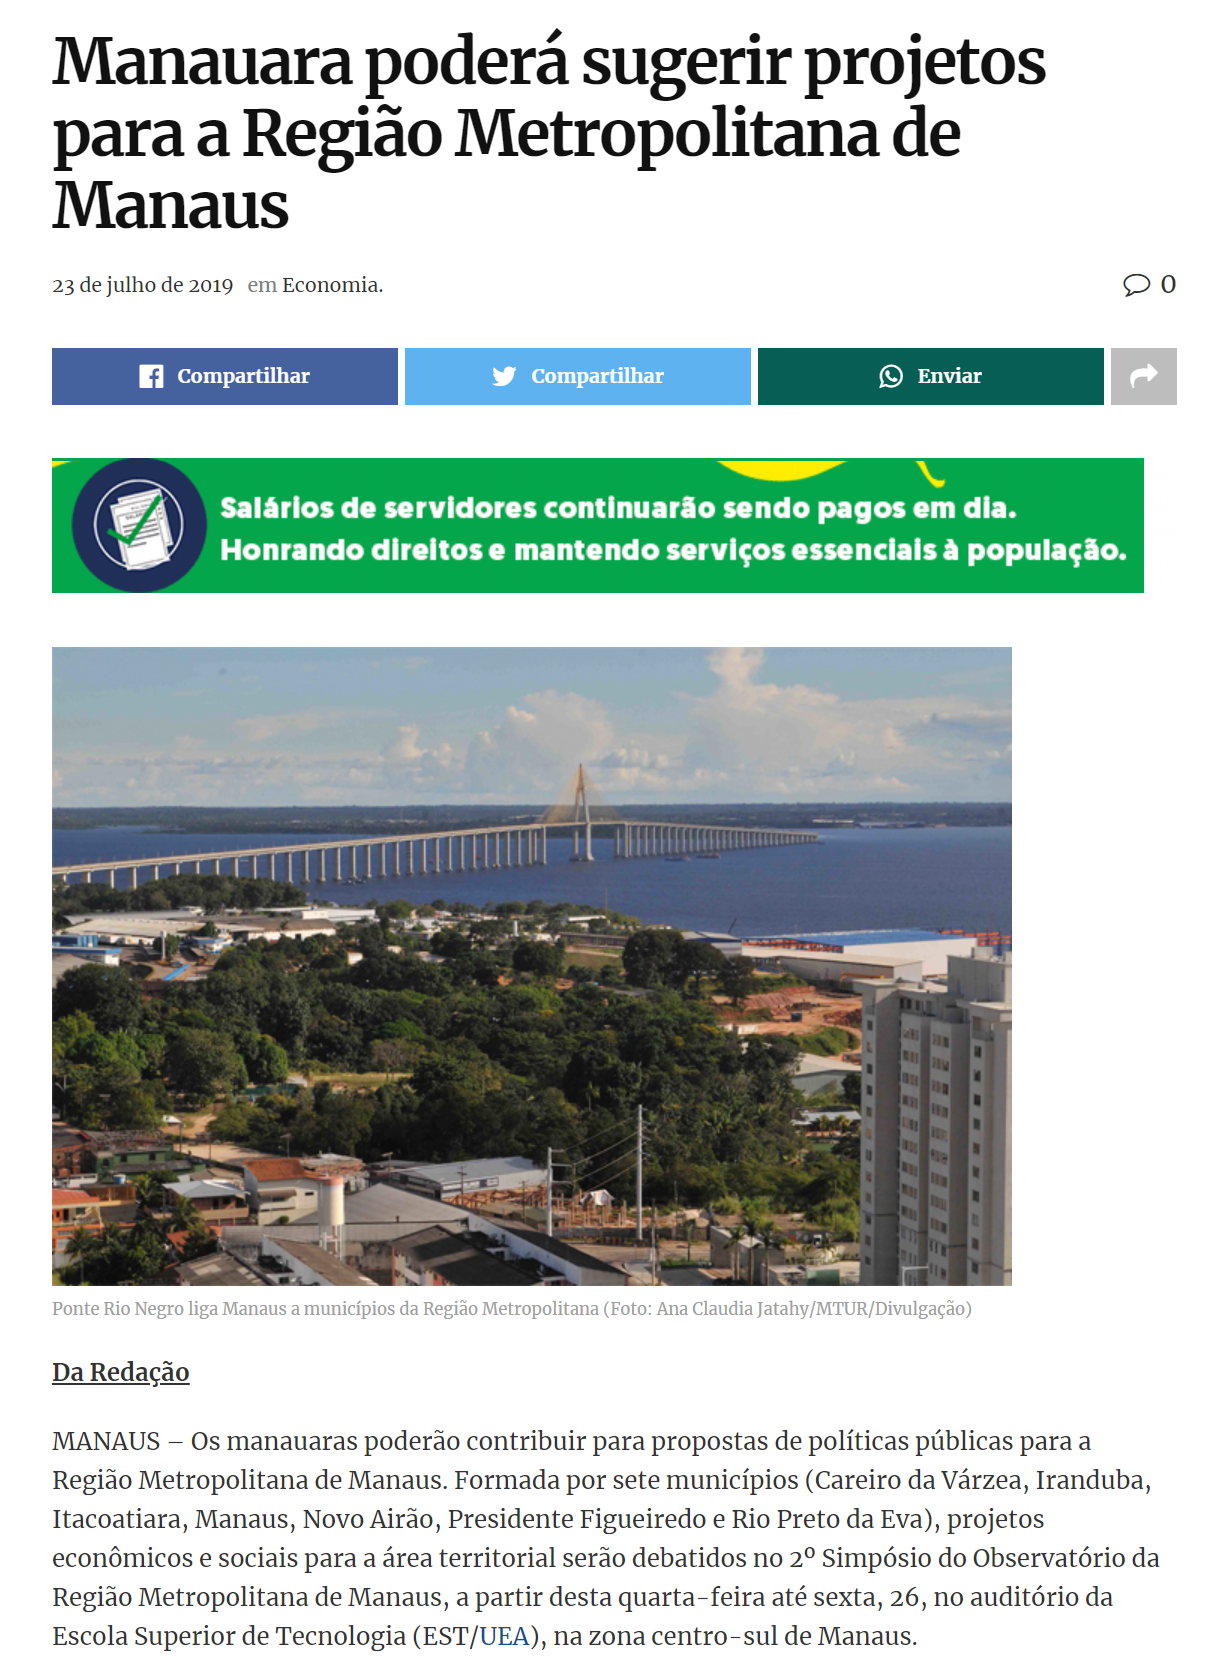 FireShot Capture 041 - Manauara poderá sugerir projetos para a Região Metropolitana de Manau_ - amazonasatual.com.br